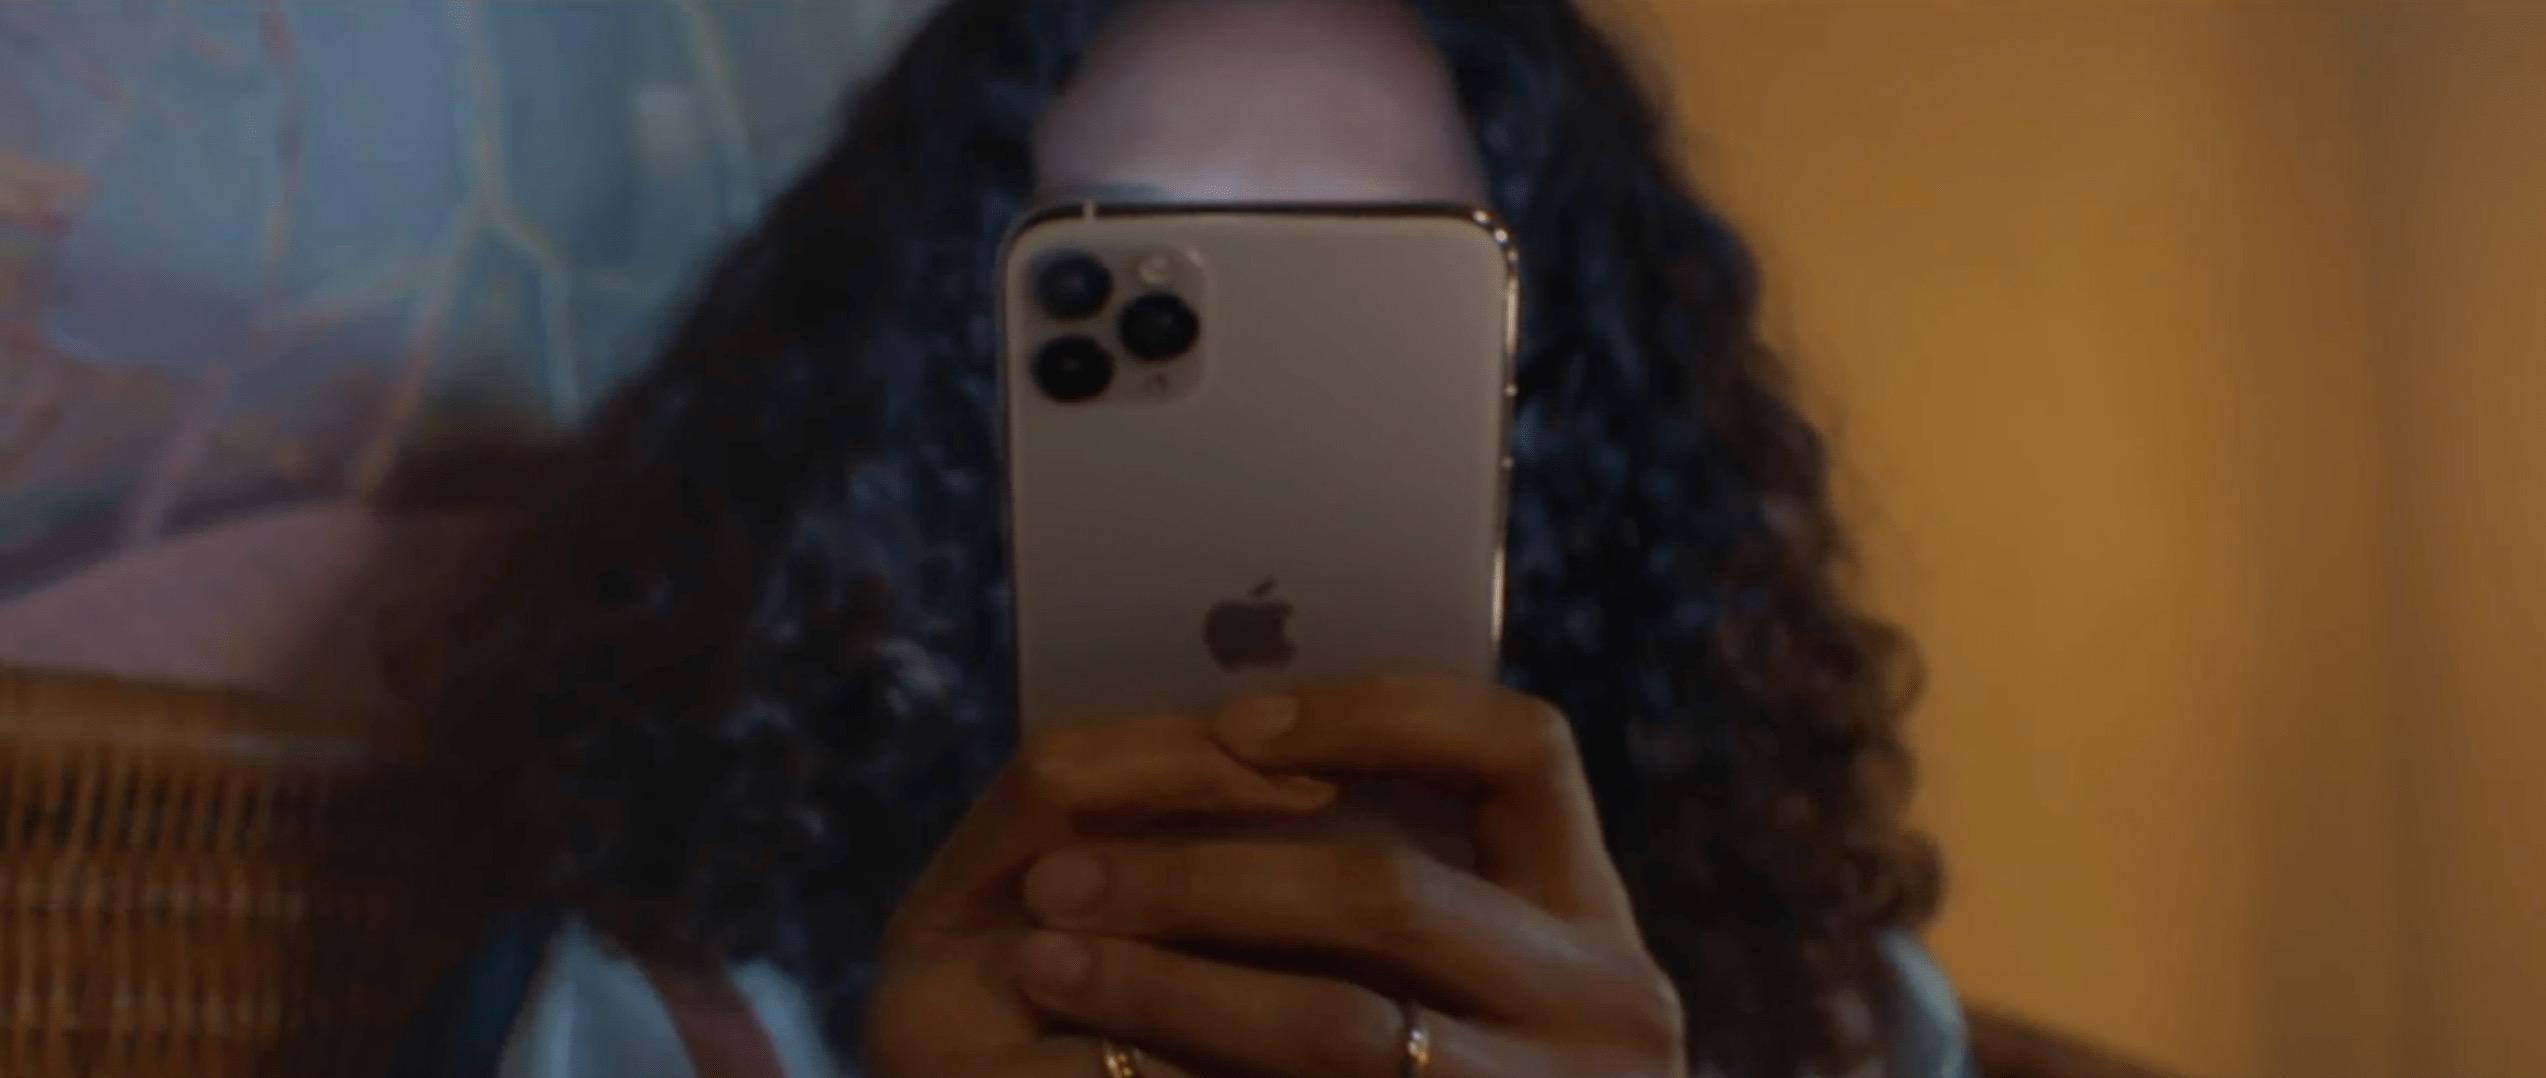 Comercial do iPhone - Privacidade